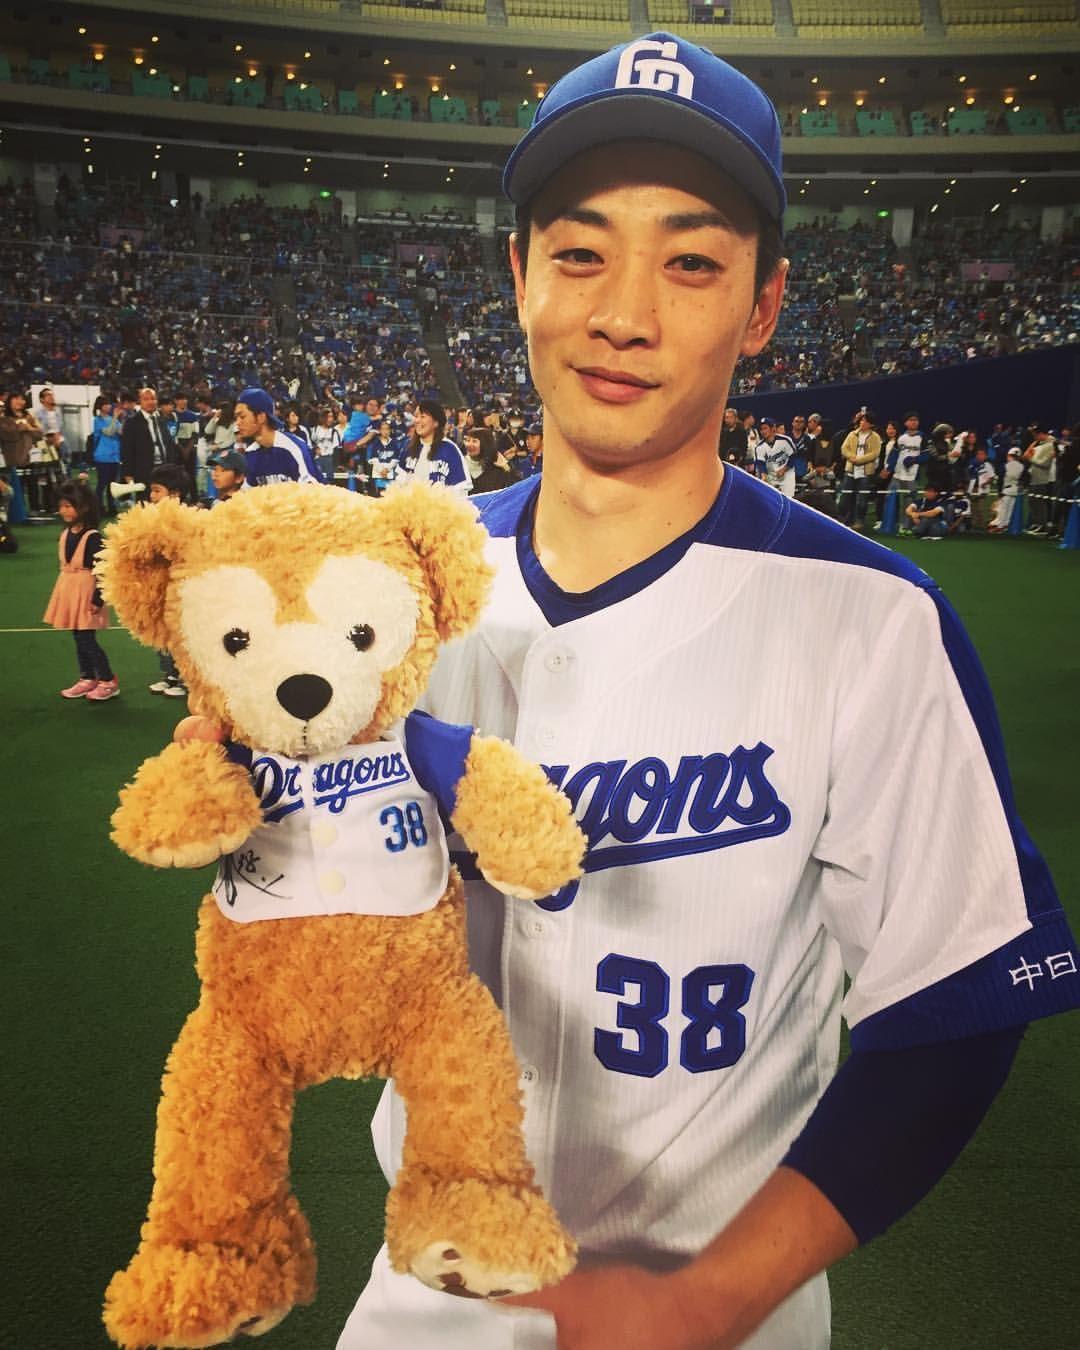 Sayoさんはinstagramを利用しています プライベートの方で 野球